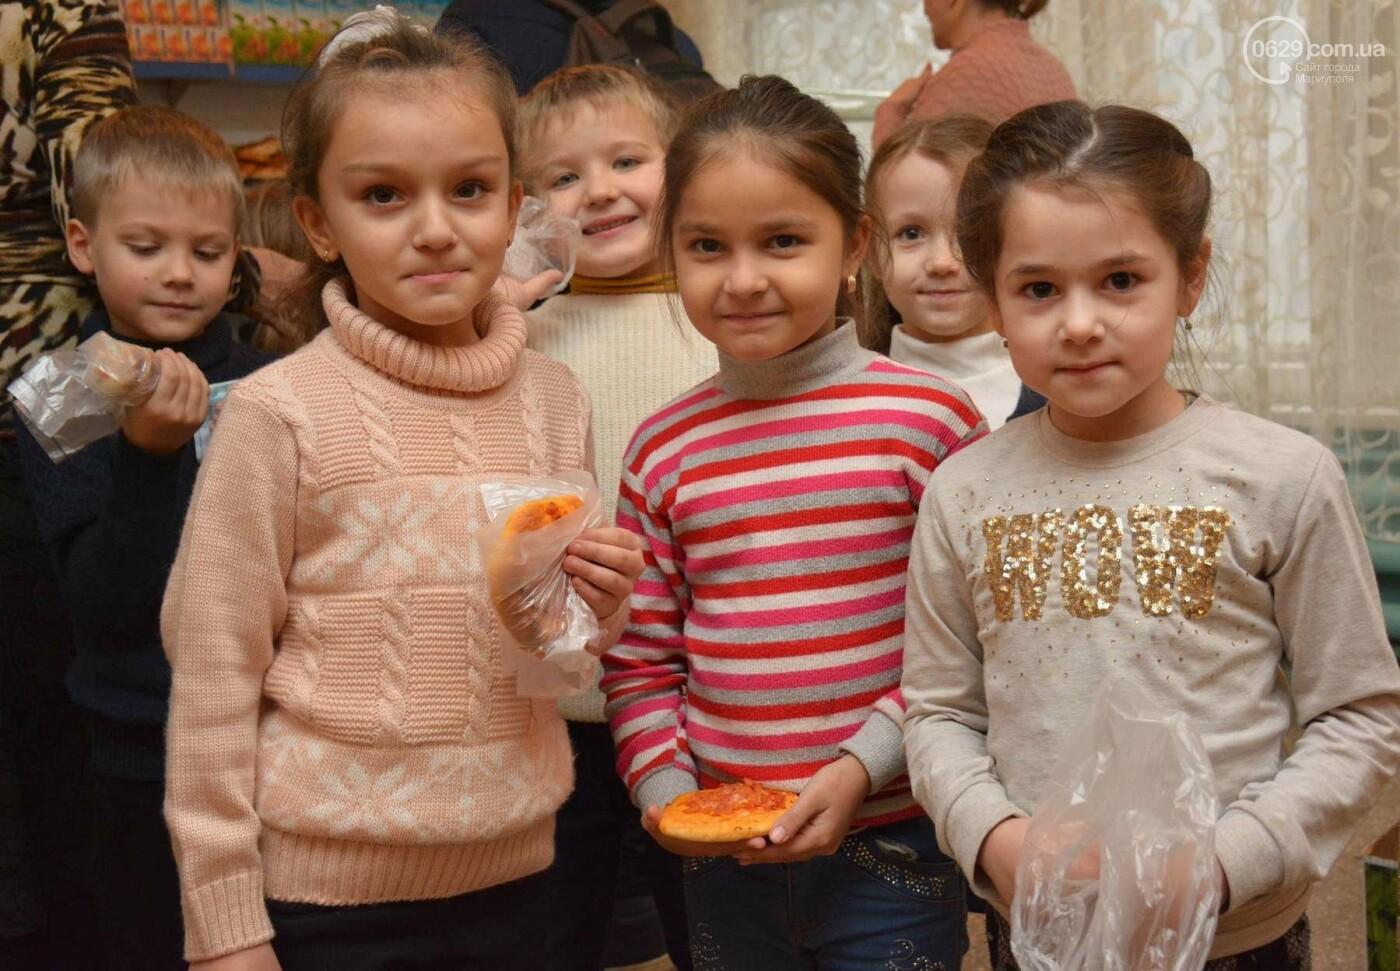 Больше молочных и мясных блюд, свежих овощей и фруктов: в ОШ № 15 представили обновленное меню для школьников., фото-38